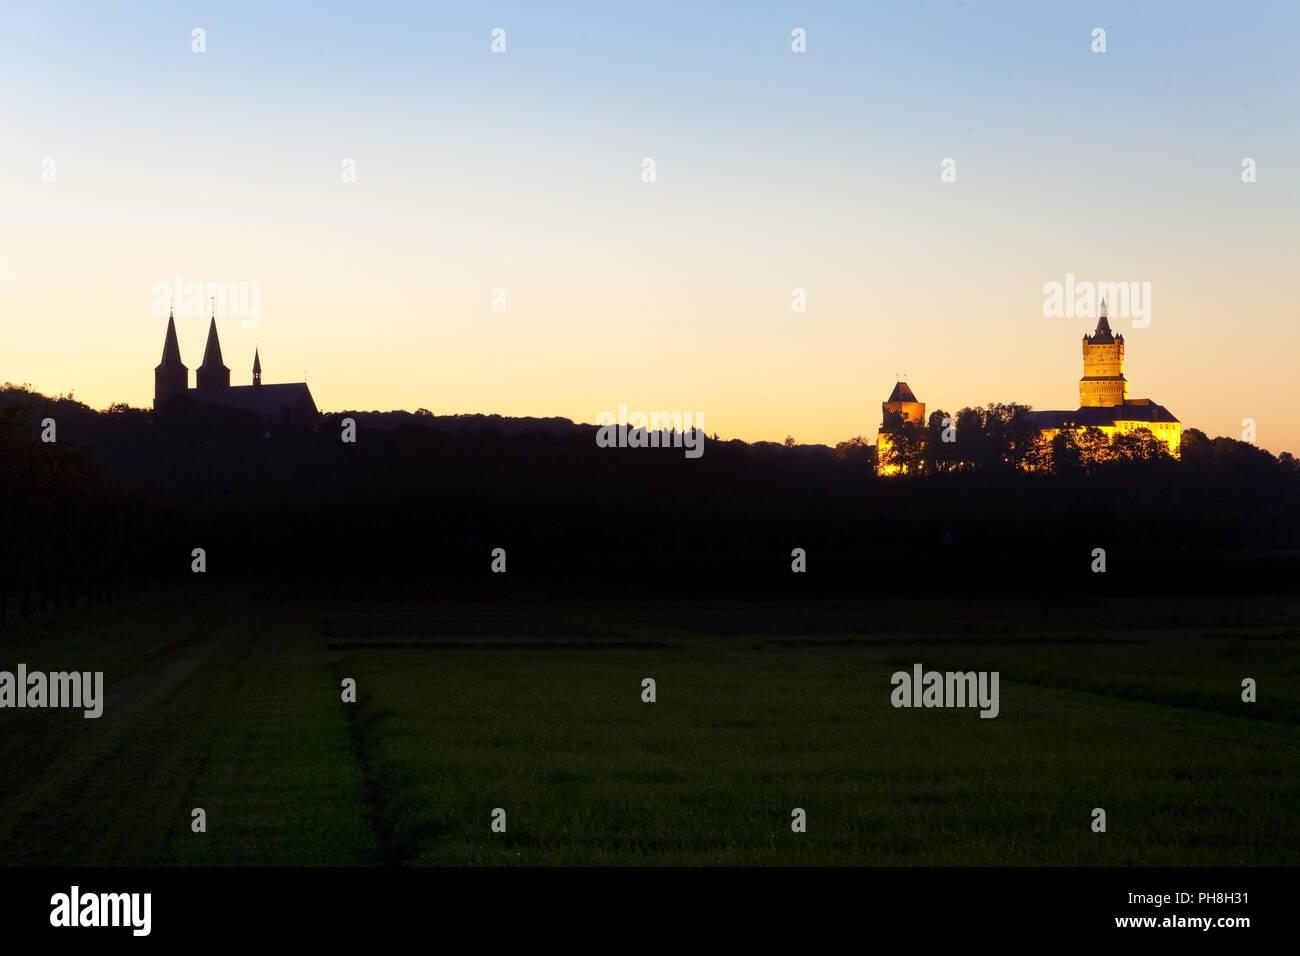 Stiftskirche con Schwanenburg iluminada, Kleve Imagen De Stock